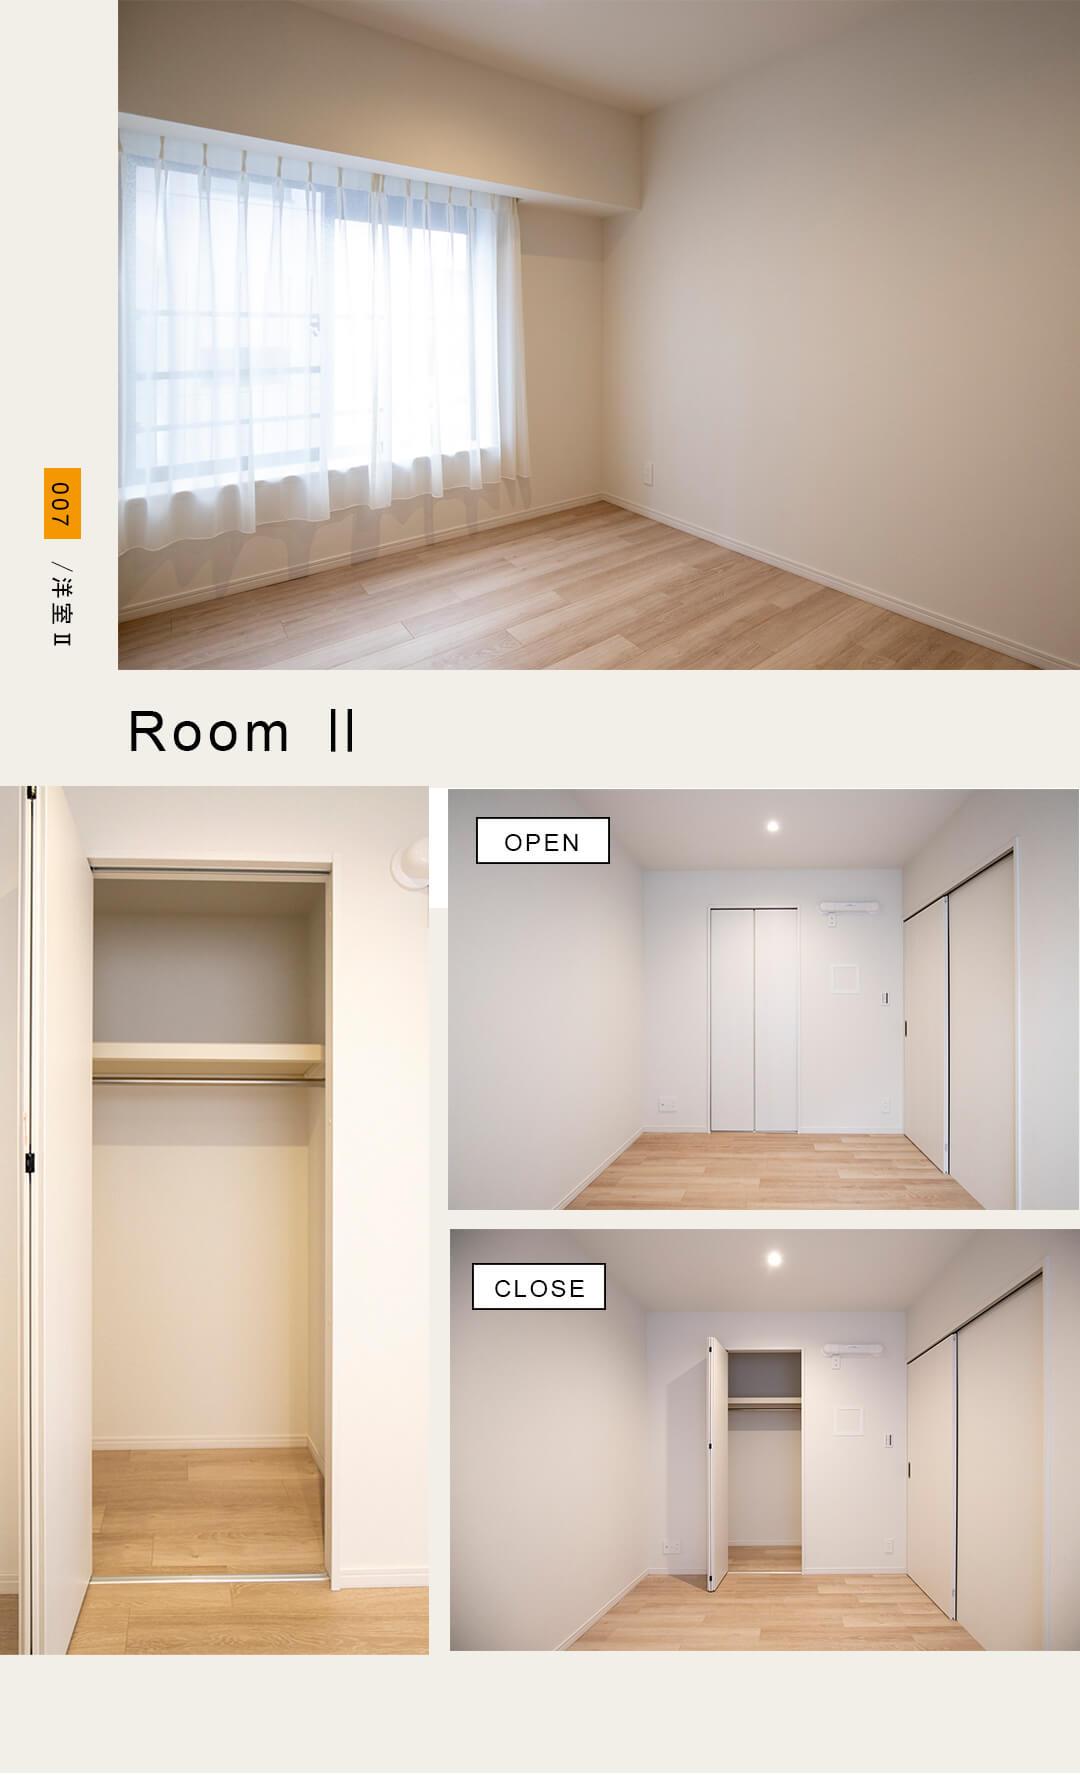 007,洋室2,room2